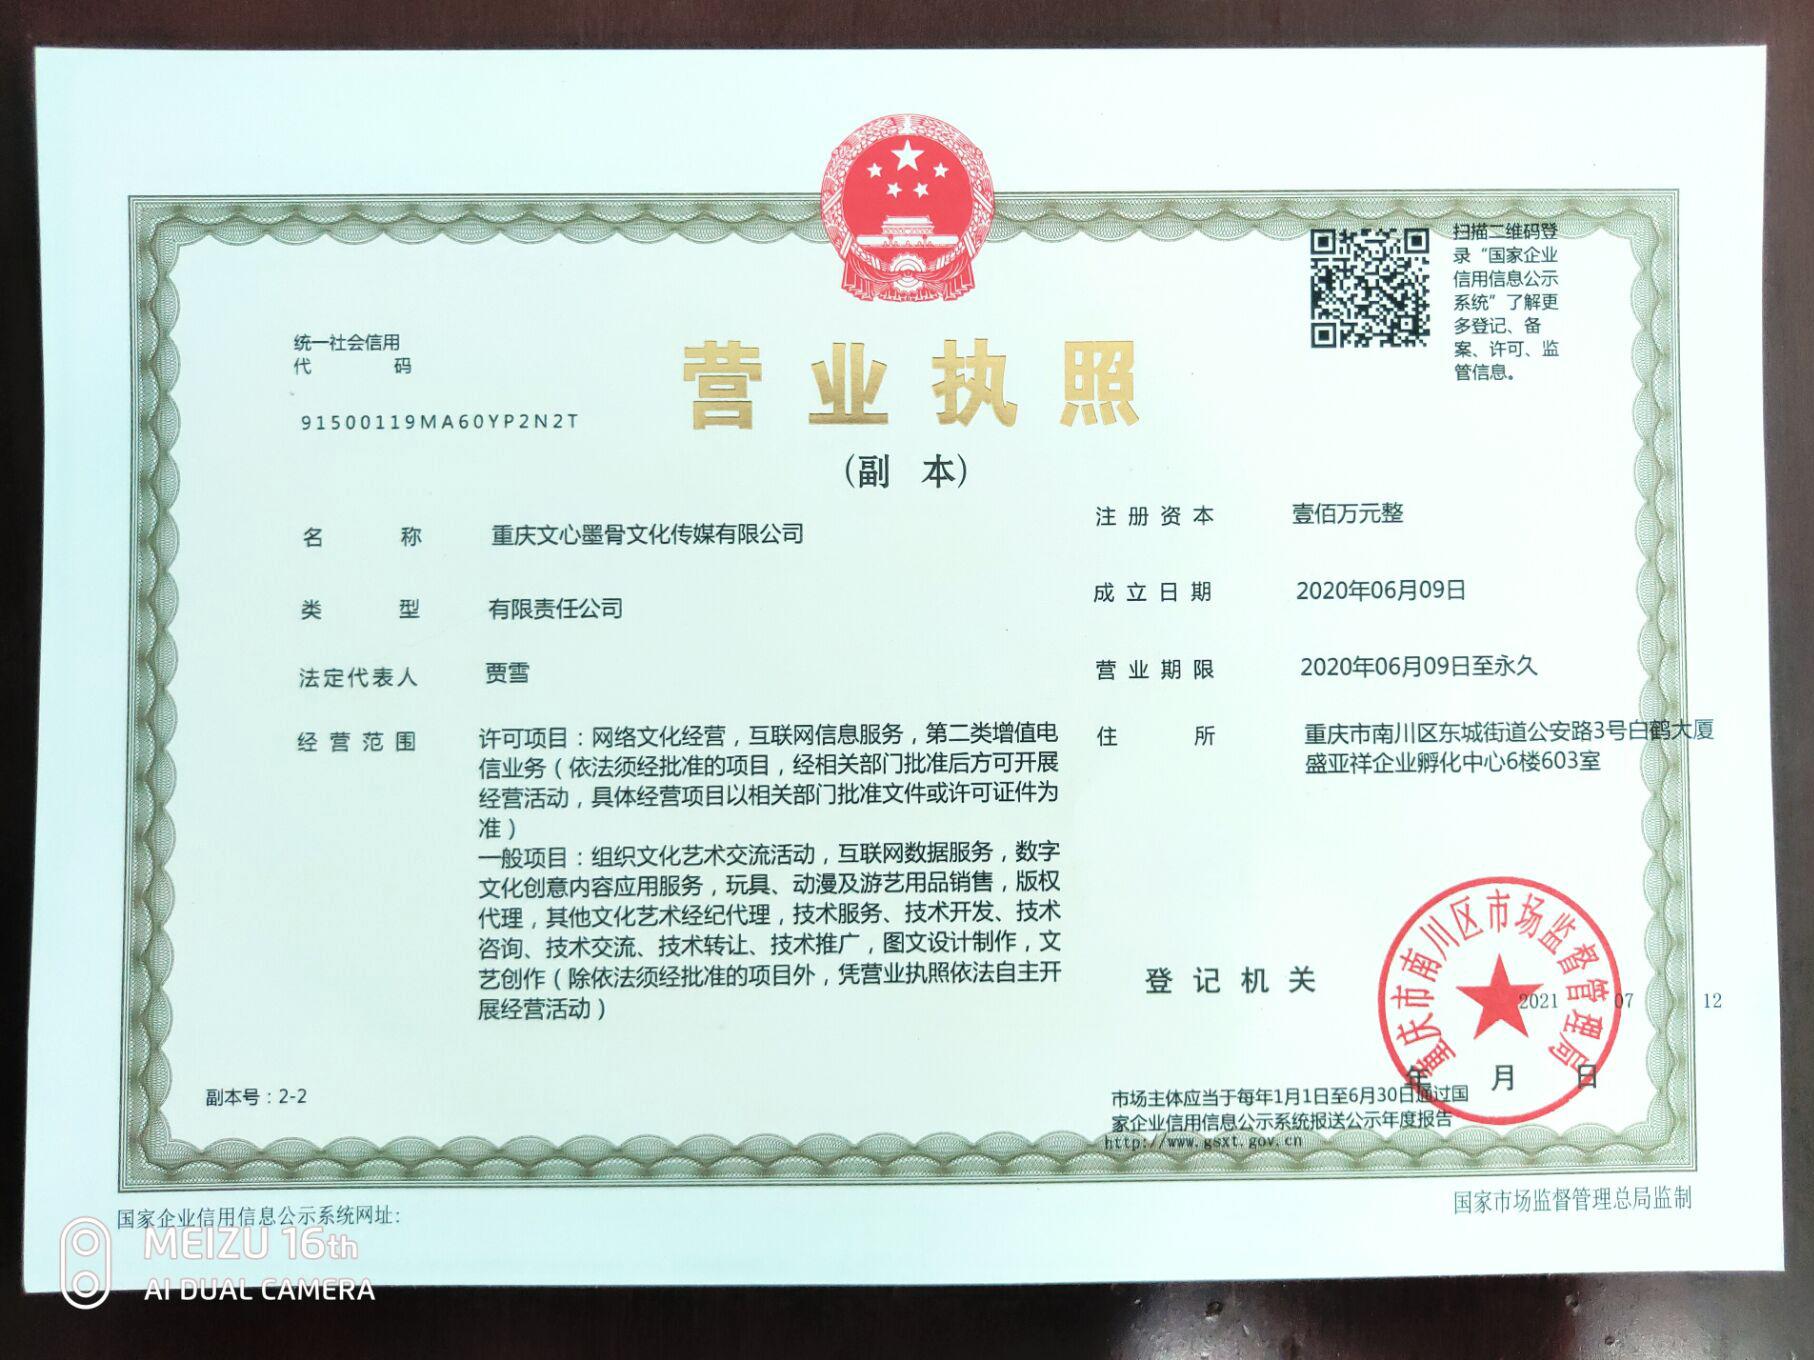 重庆文心墨骨文化传媒有限公司营业执照